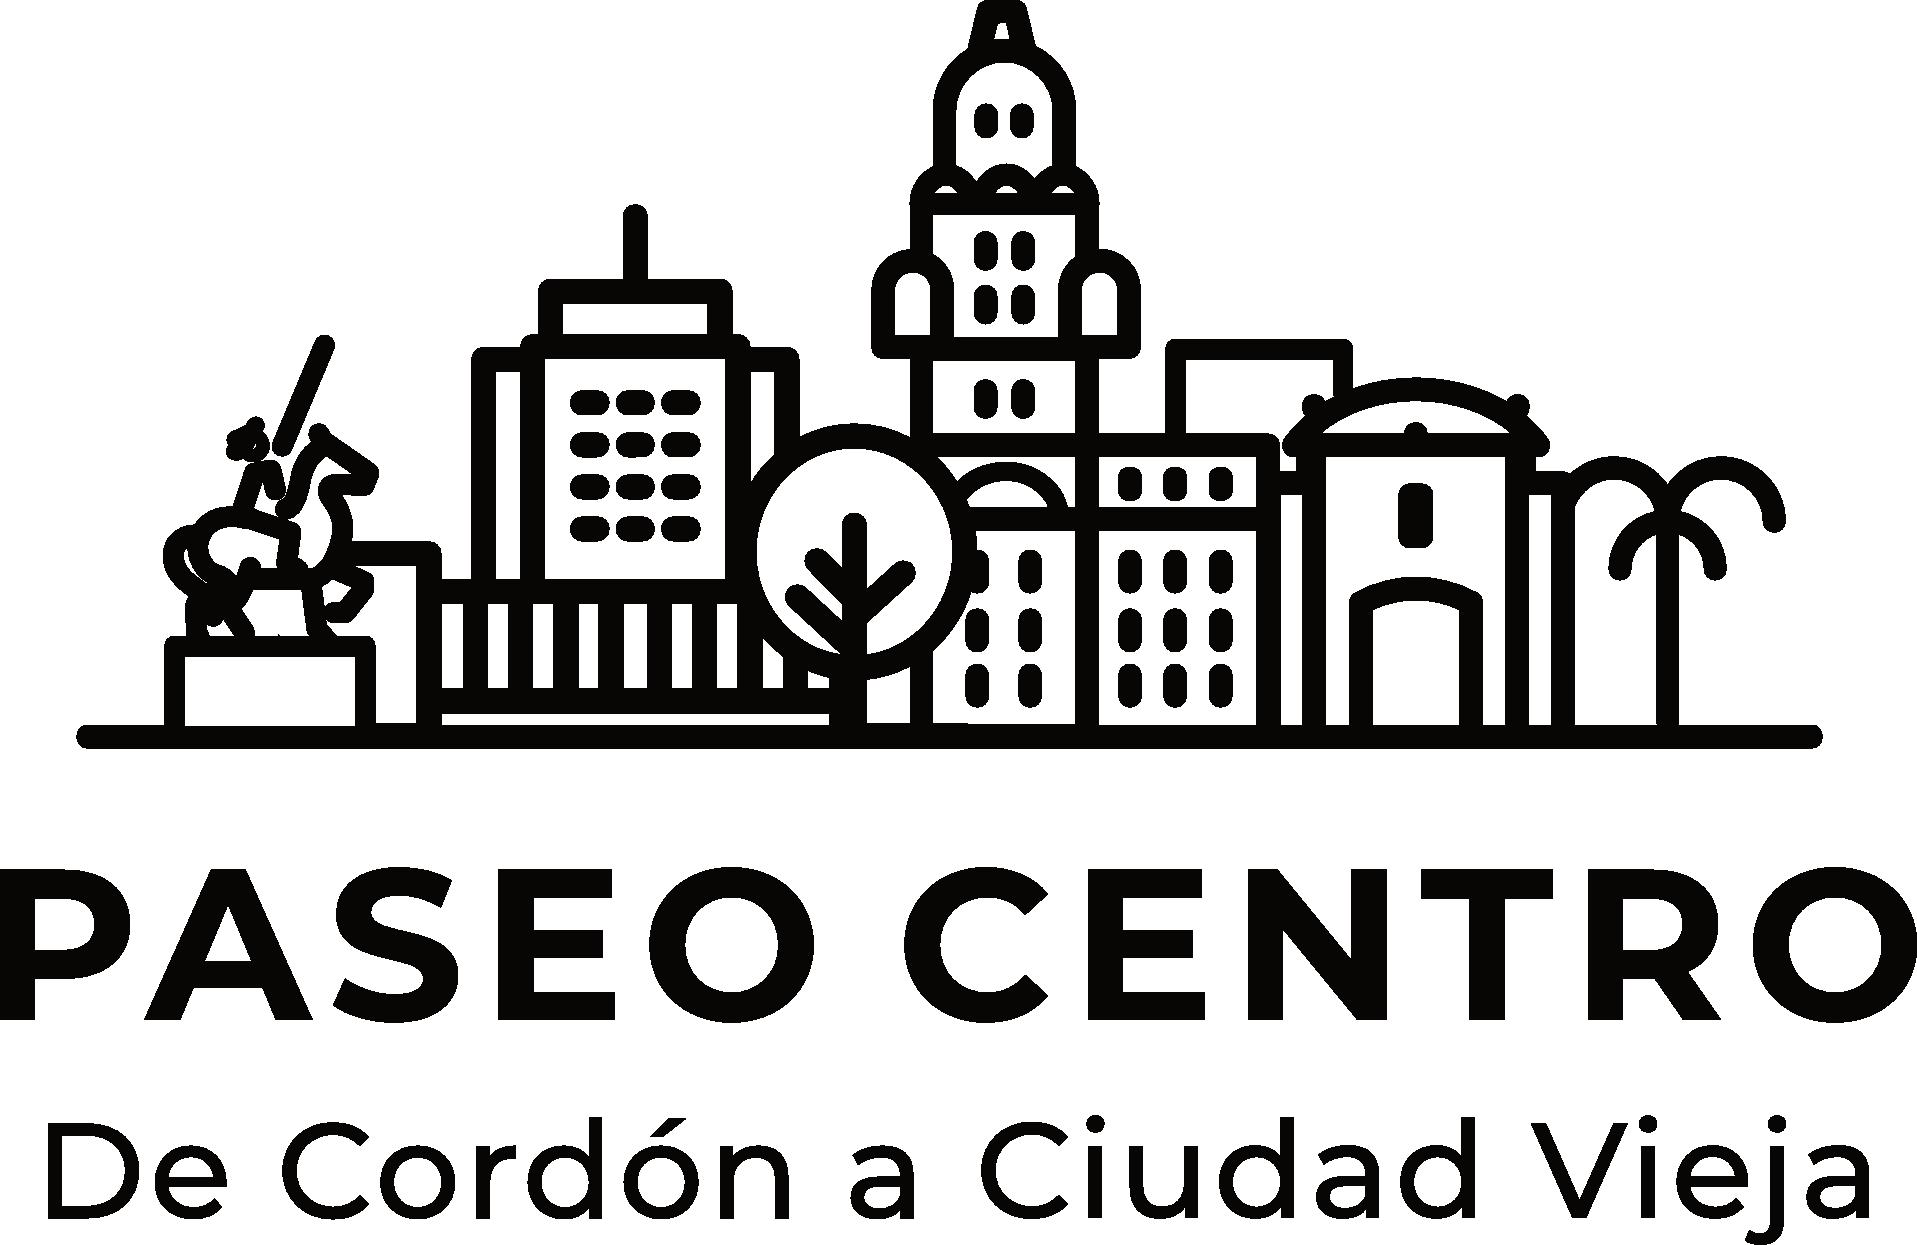 Paseo Centro